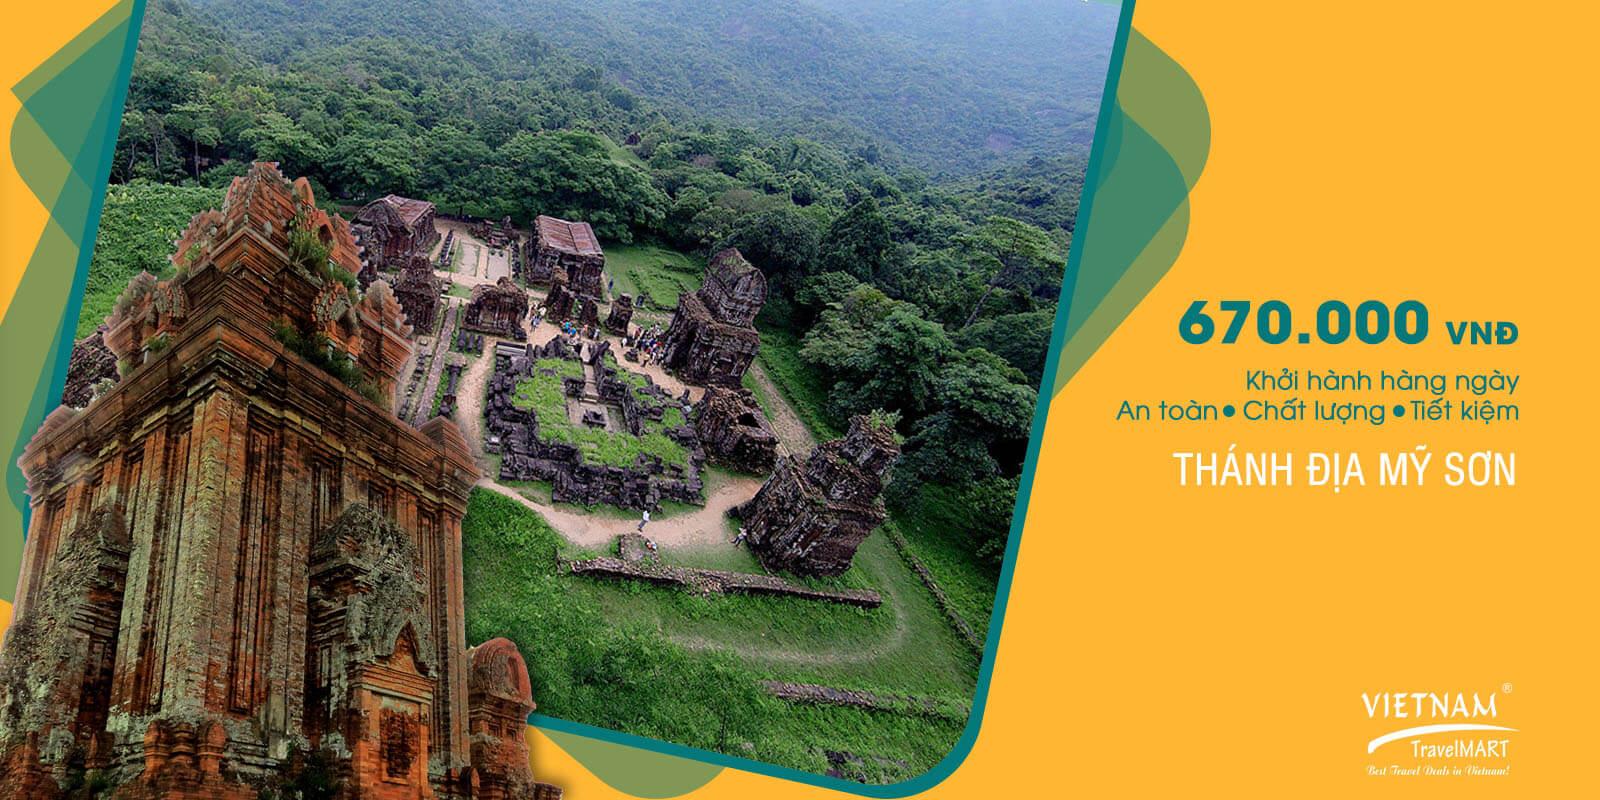 Giảm 5% Tour Thánh địa Mỹ Sơn chỉ 670.000 vnđ Vietnam TravelMART JSC